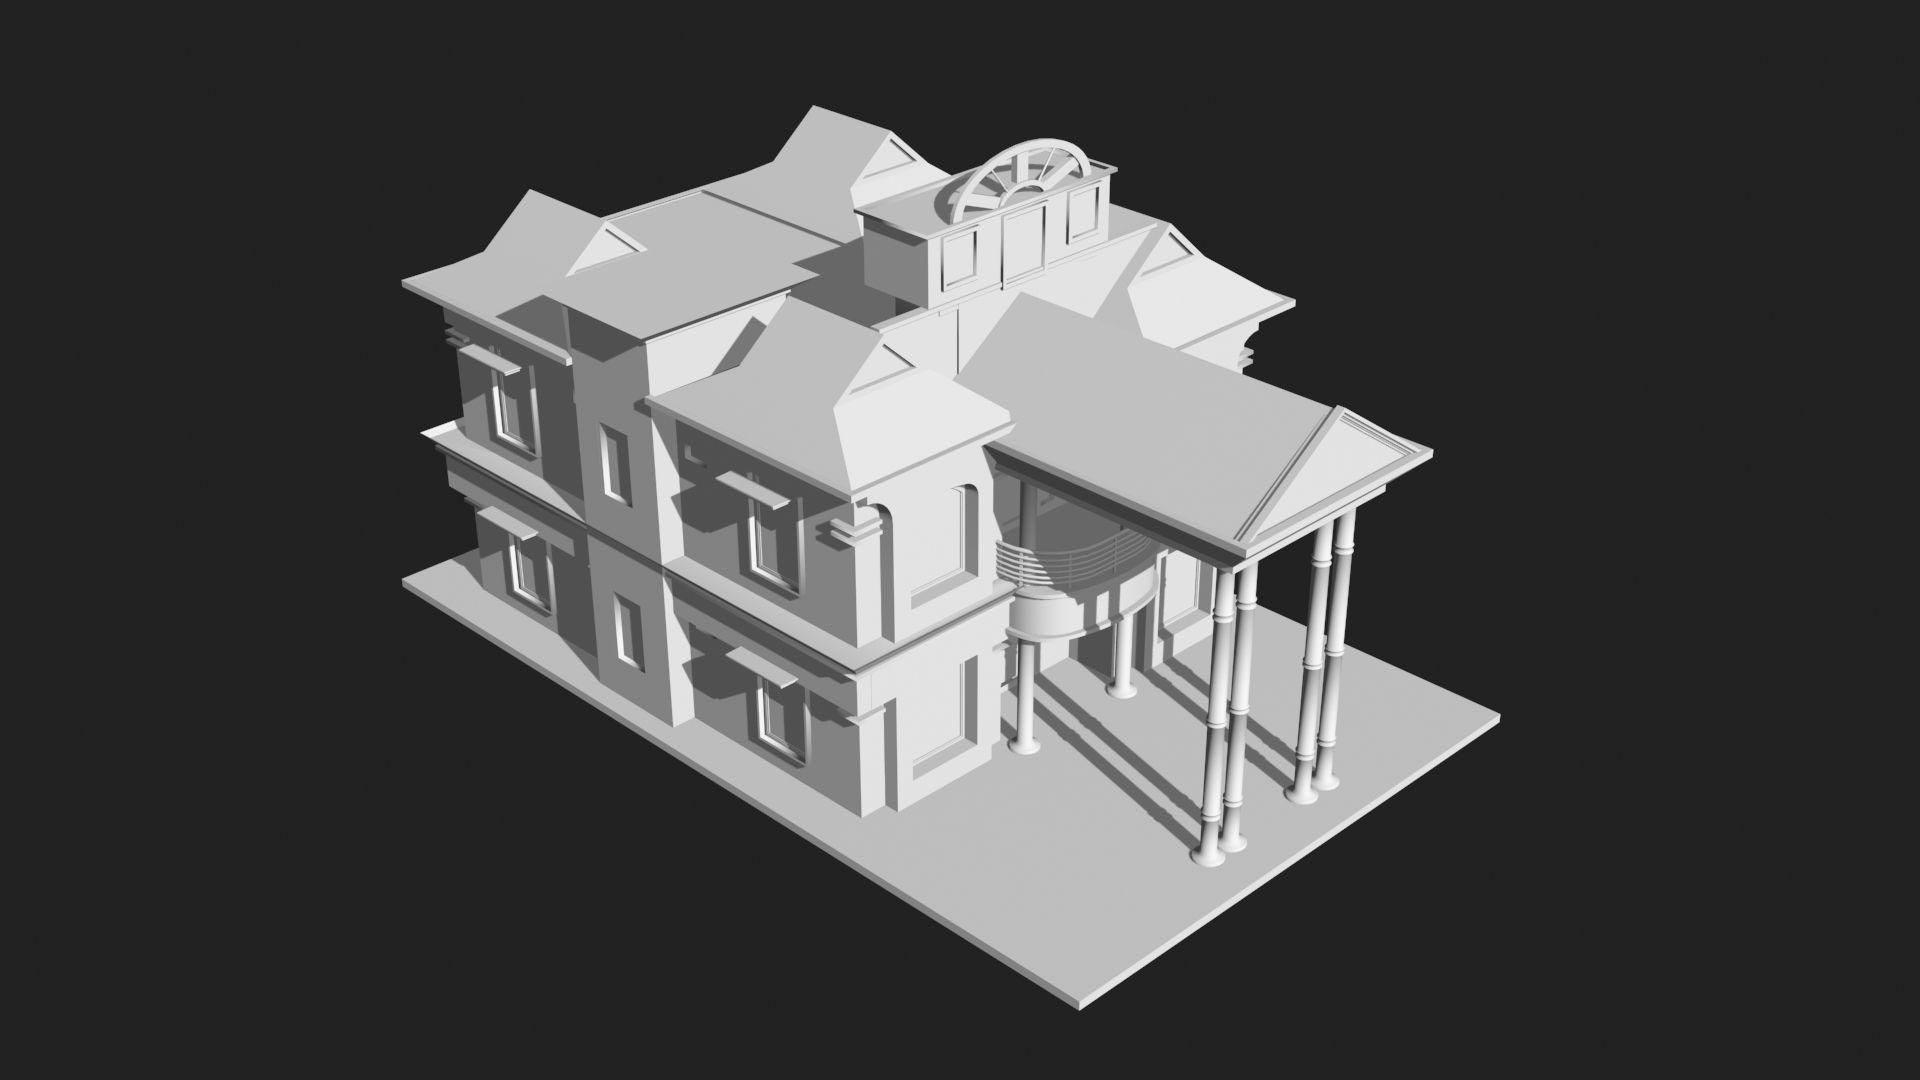 3d House Building 3d Model Low Poly 8